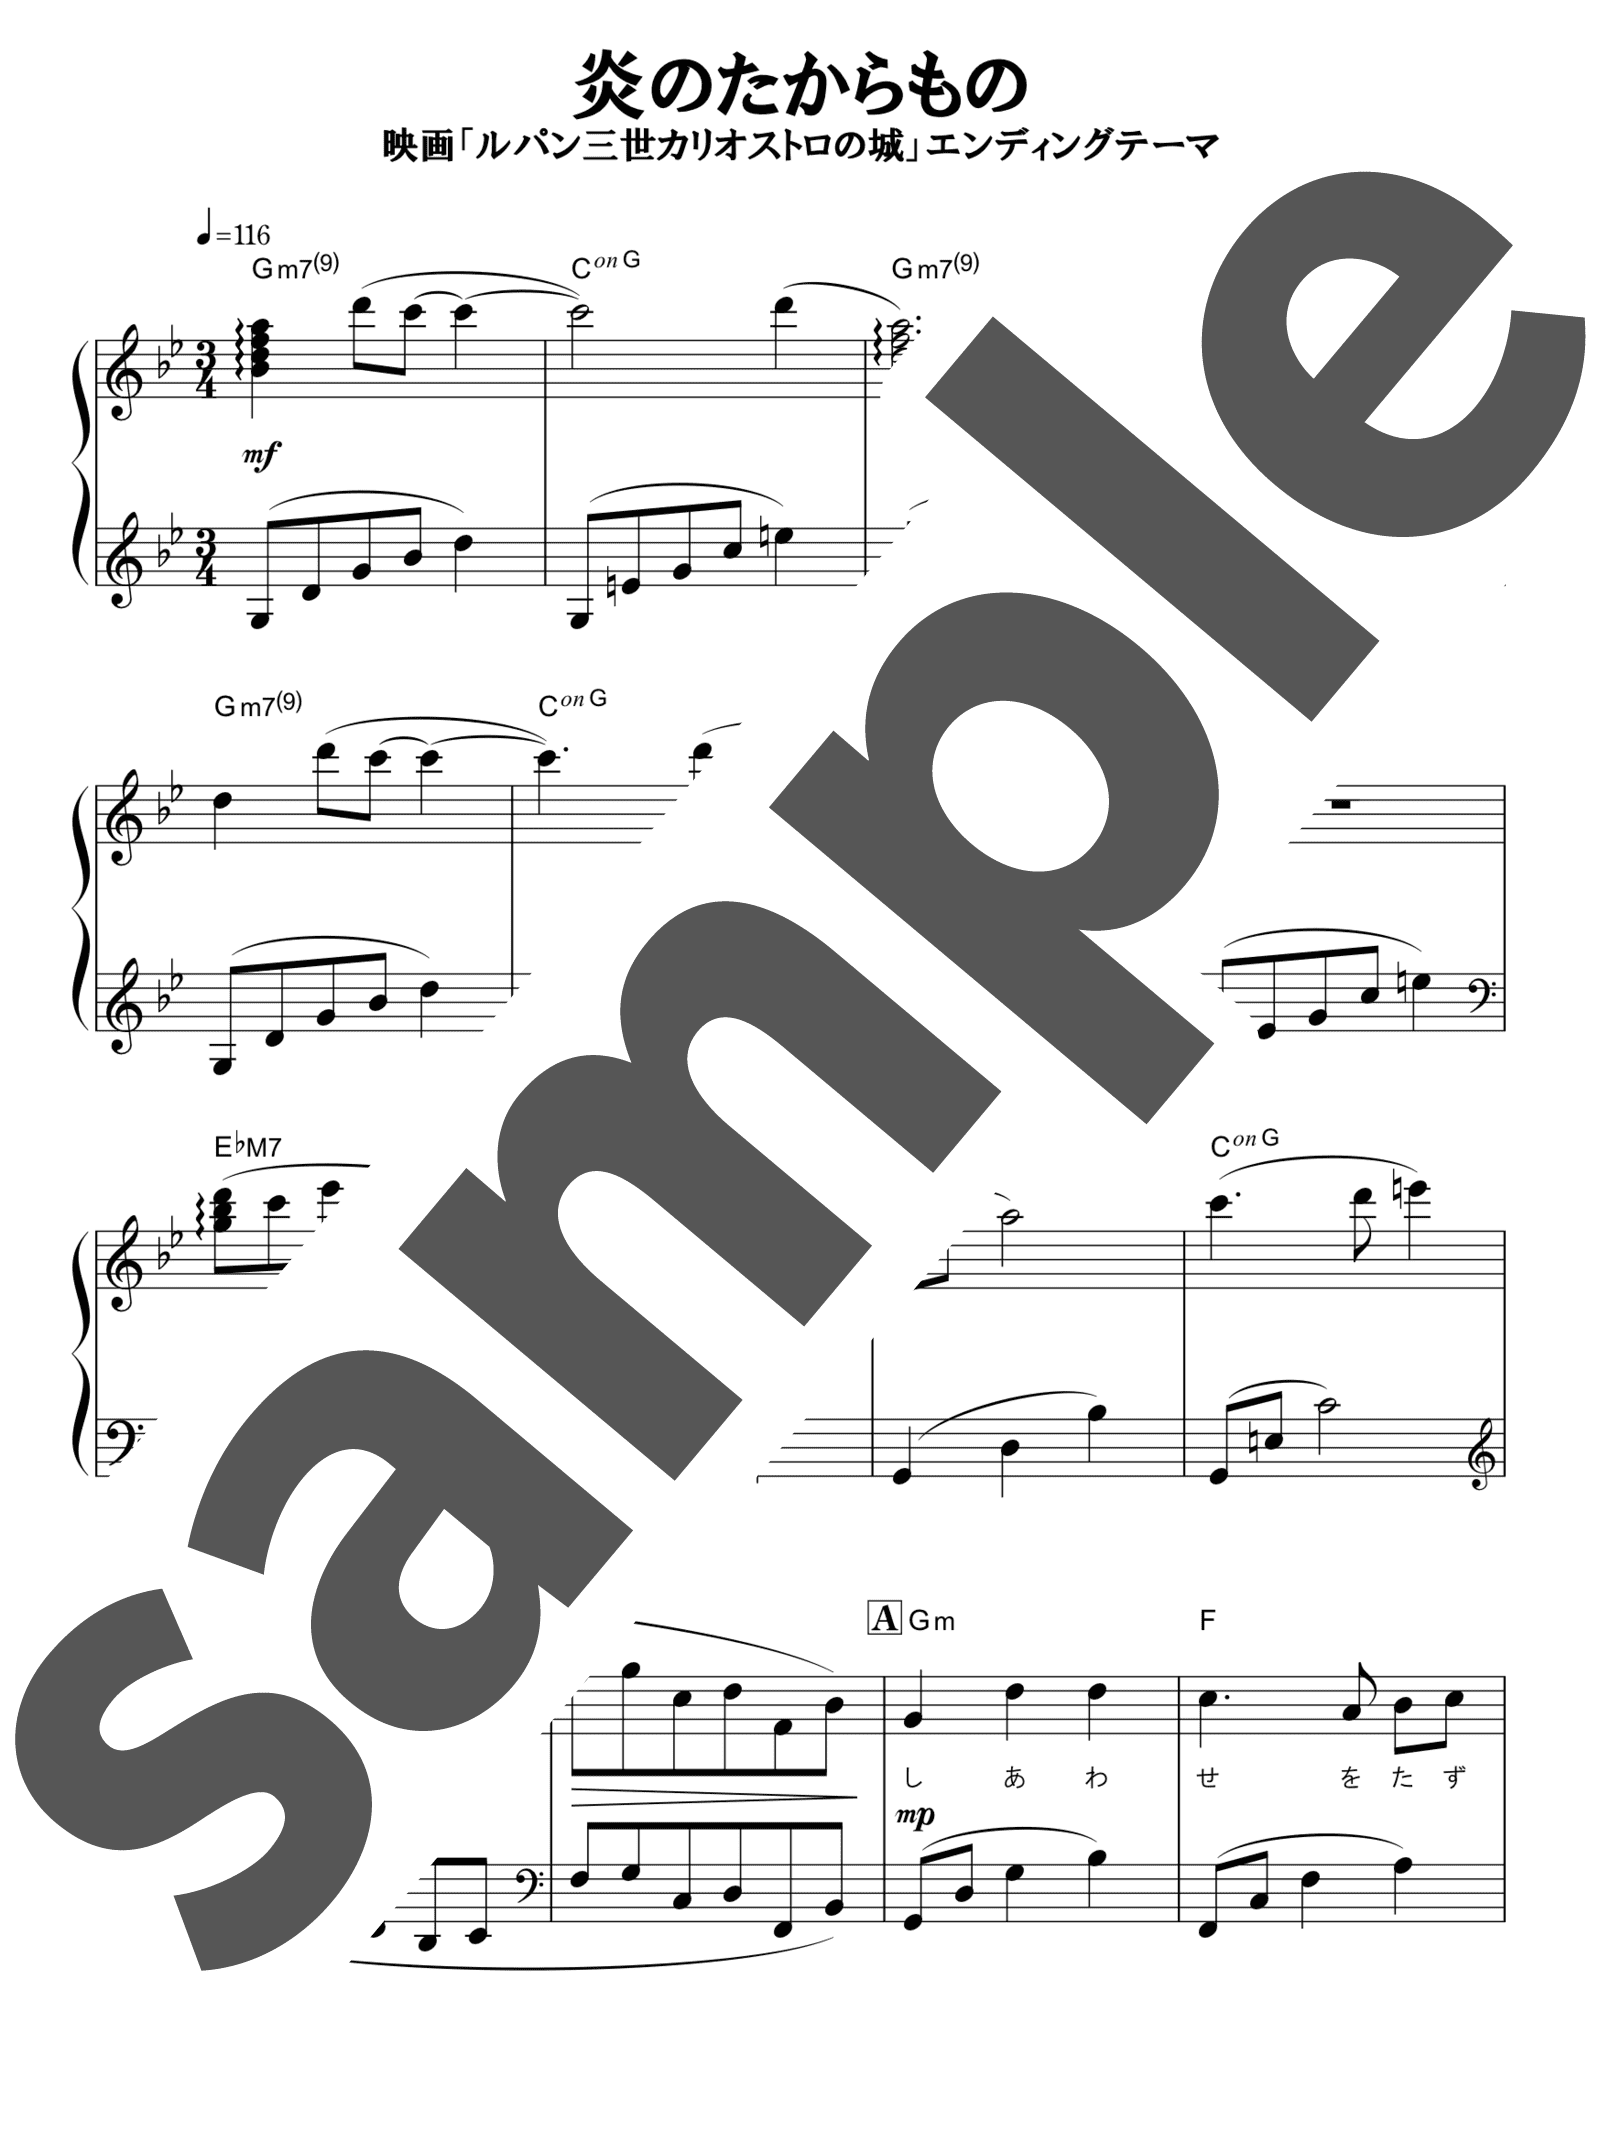 「炎のたからもの」のサンプル楽譜